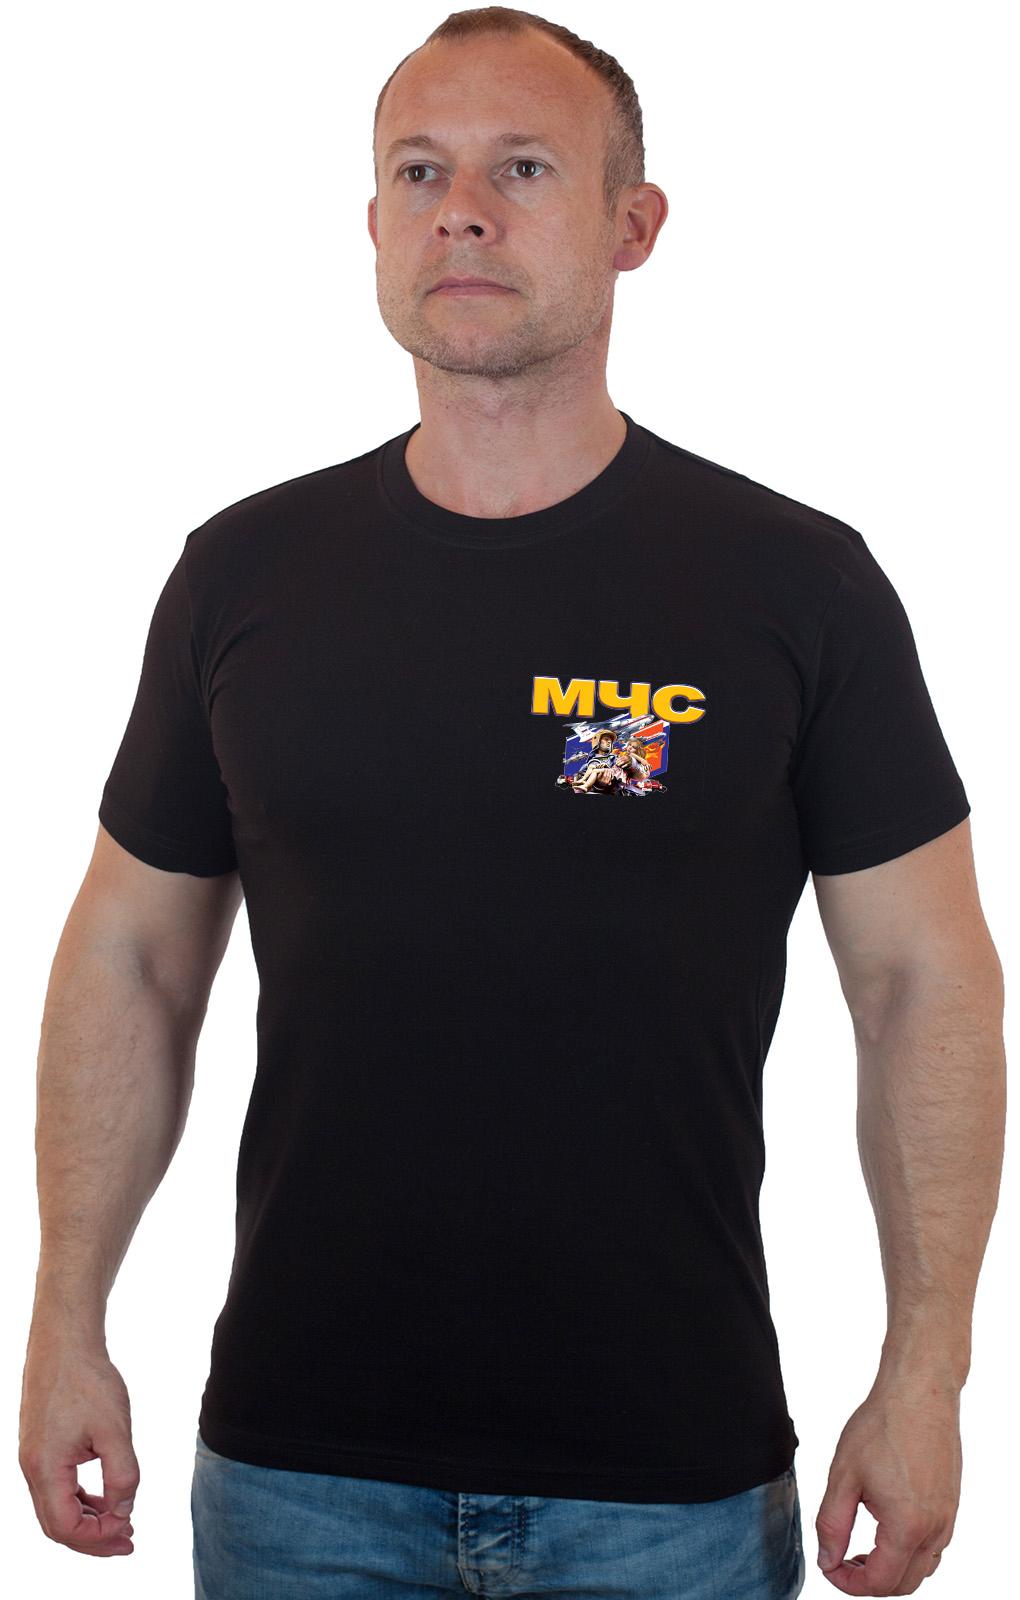 Купить черную оригинальную футболку МЧС с доставкой в любой город